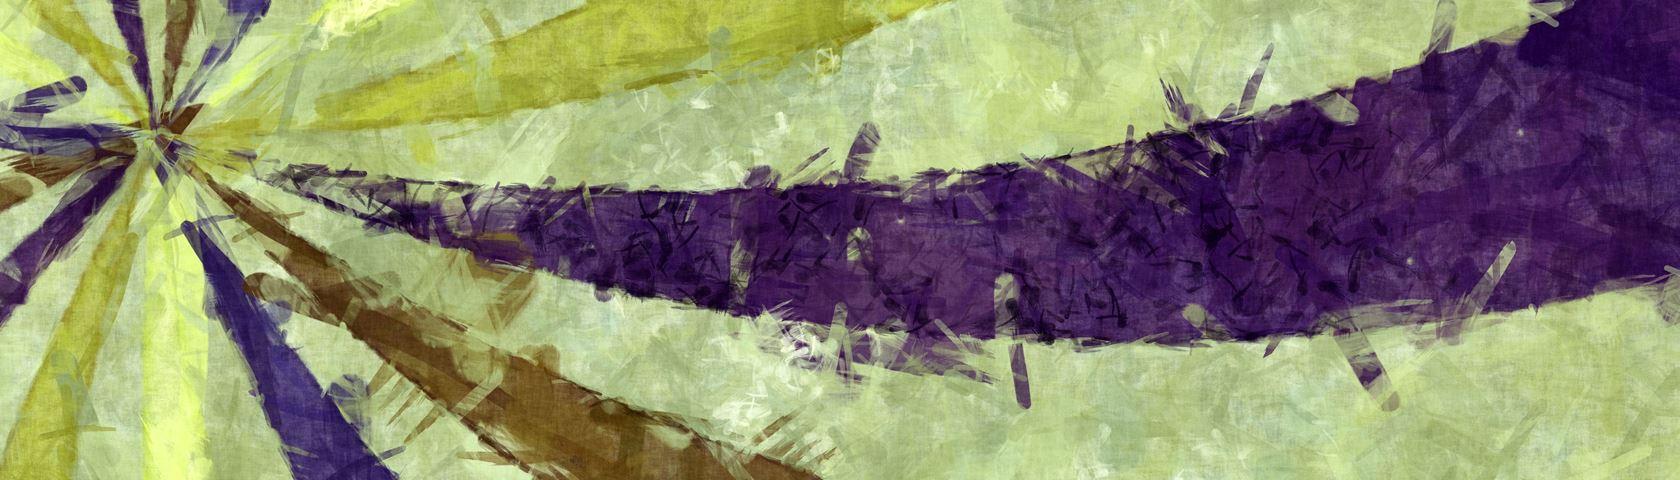 Painted Swirls 03